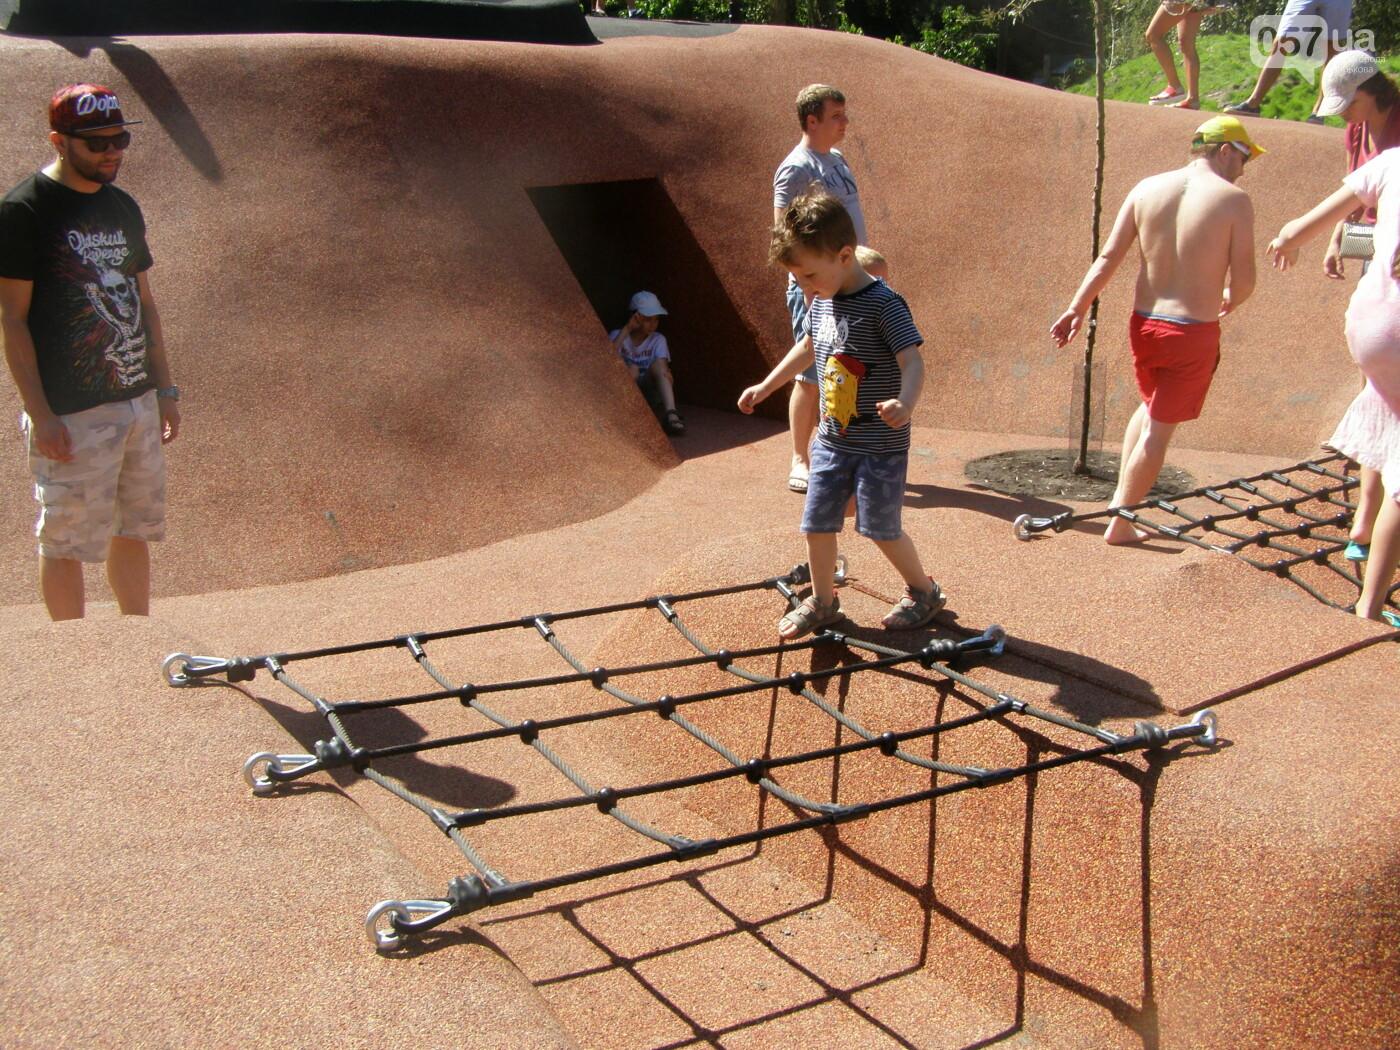 Детская площадка, настольный теннис и велодорожки: в Саржином Яру открыли новые локации, - ФОТО, фото-10